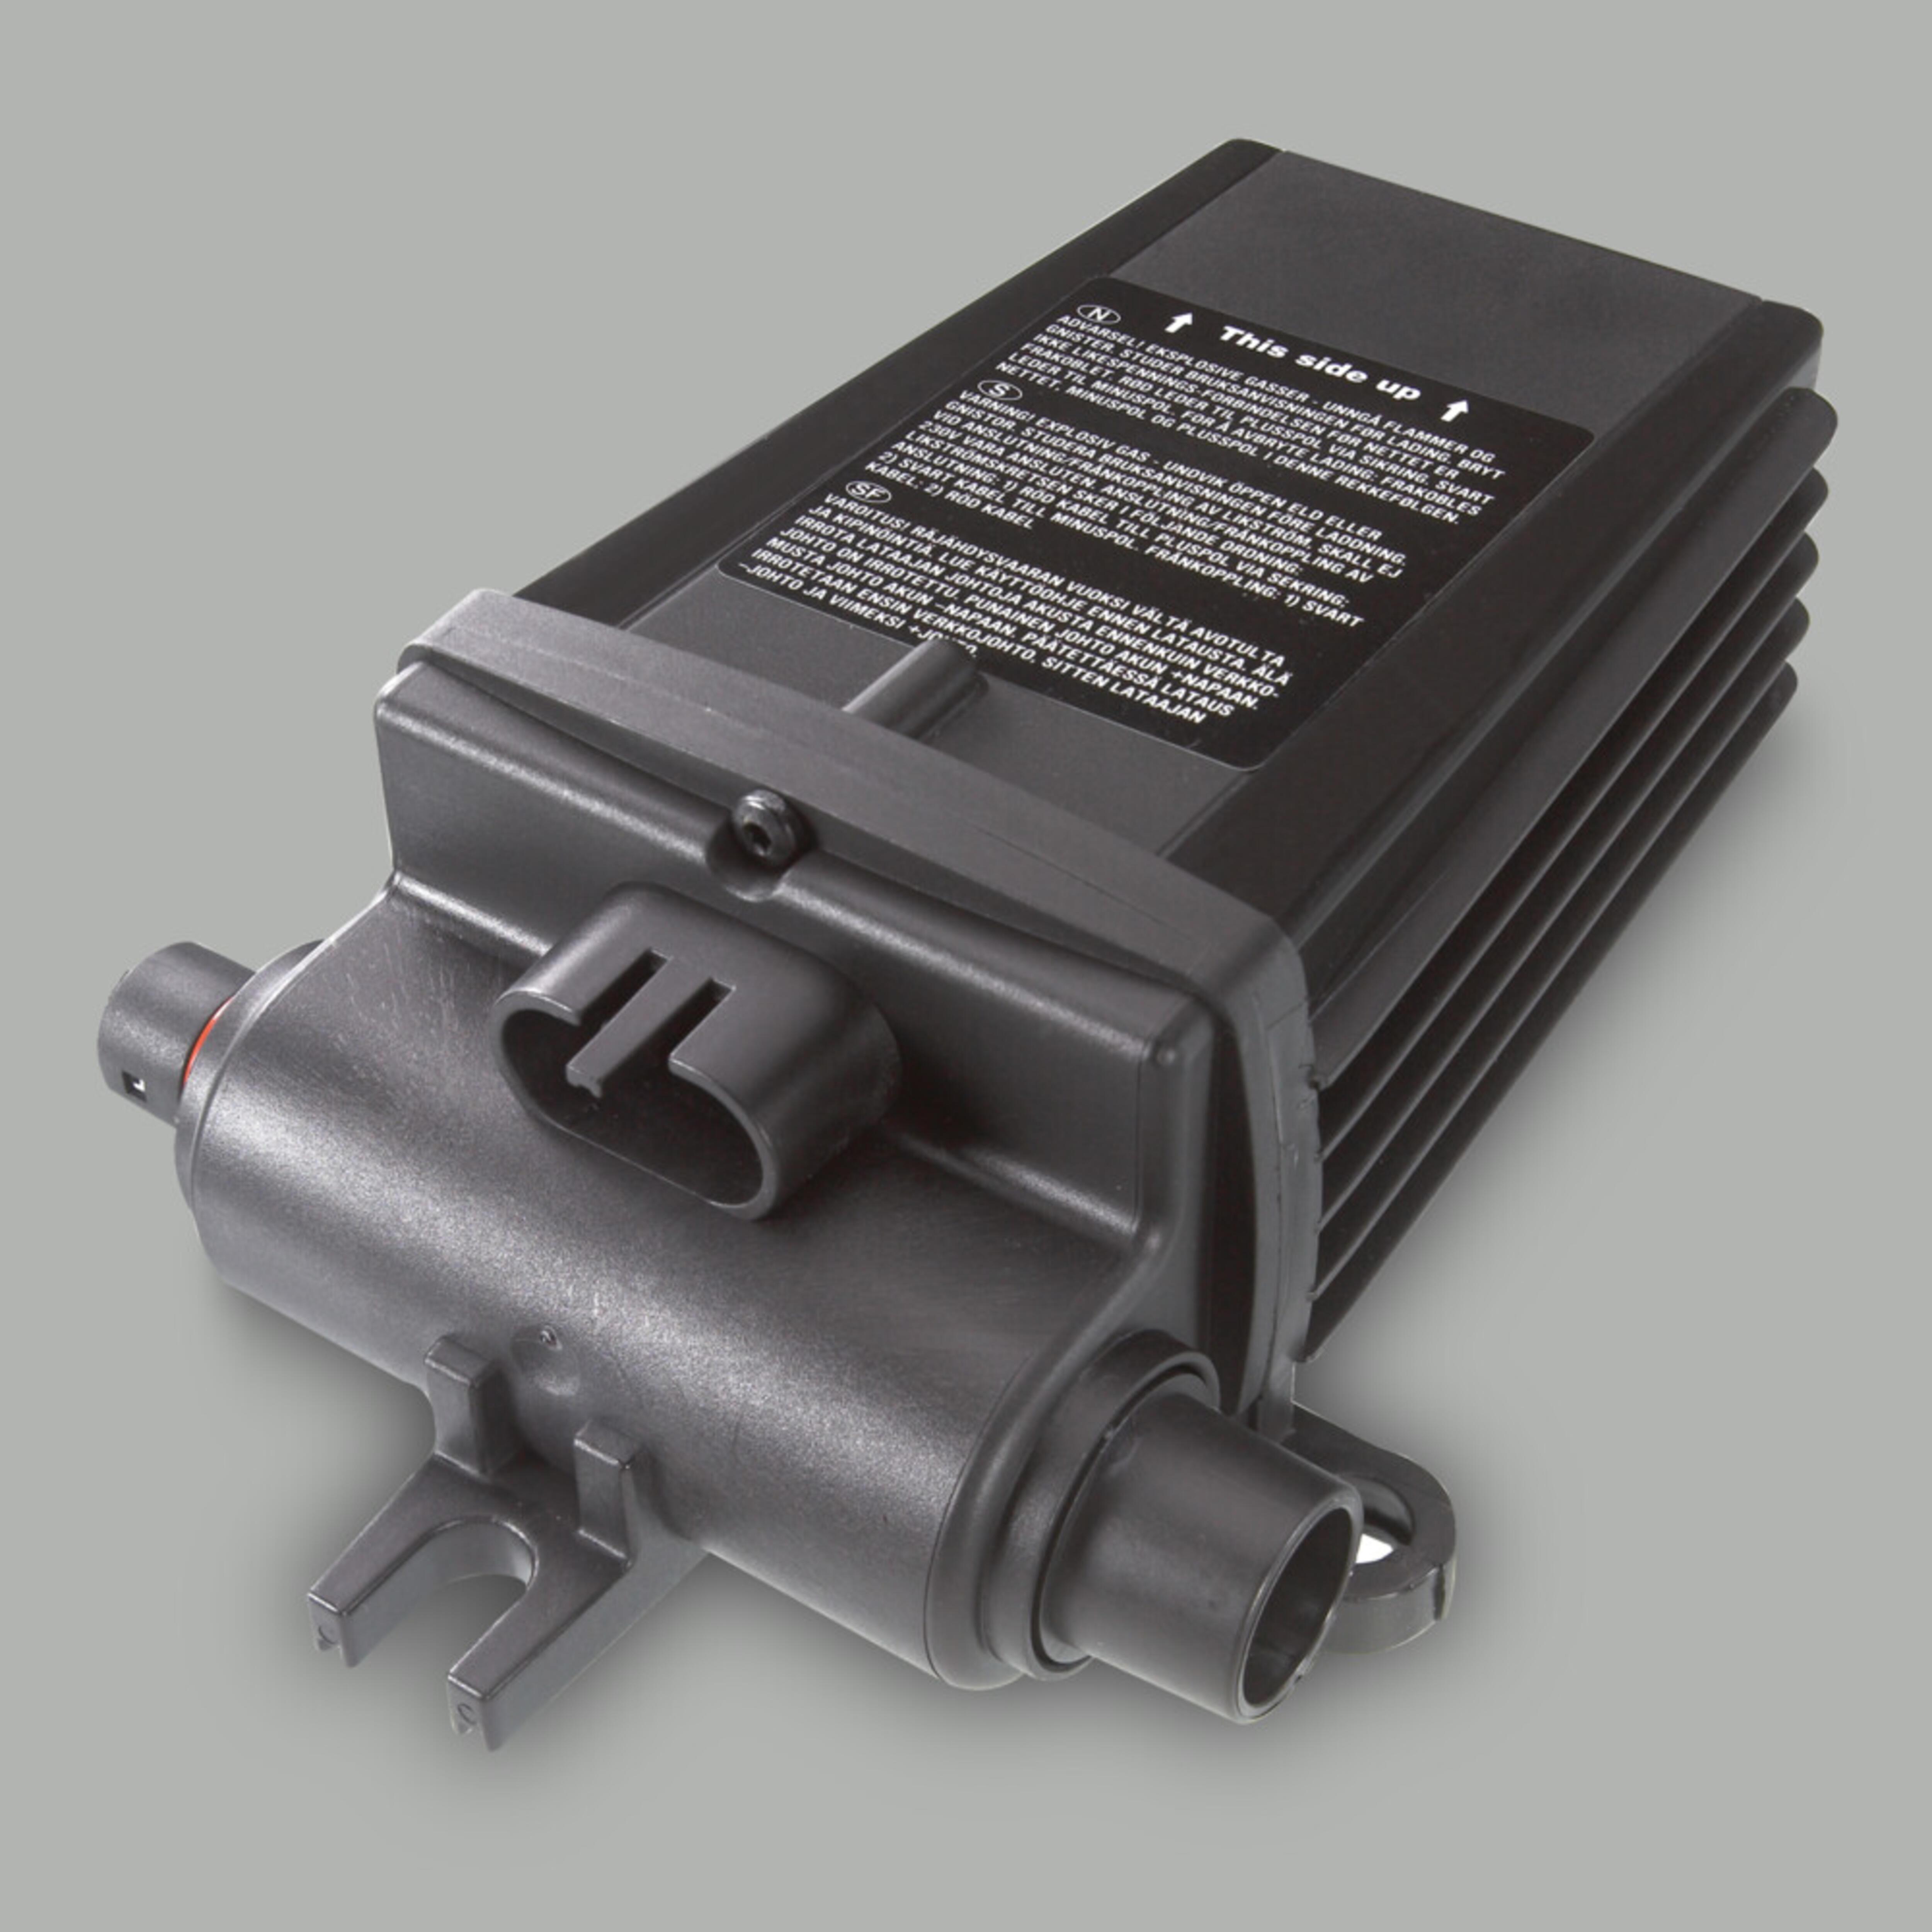 DEFA MultiCharger 1210